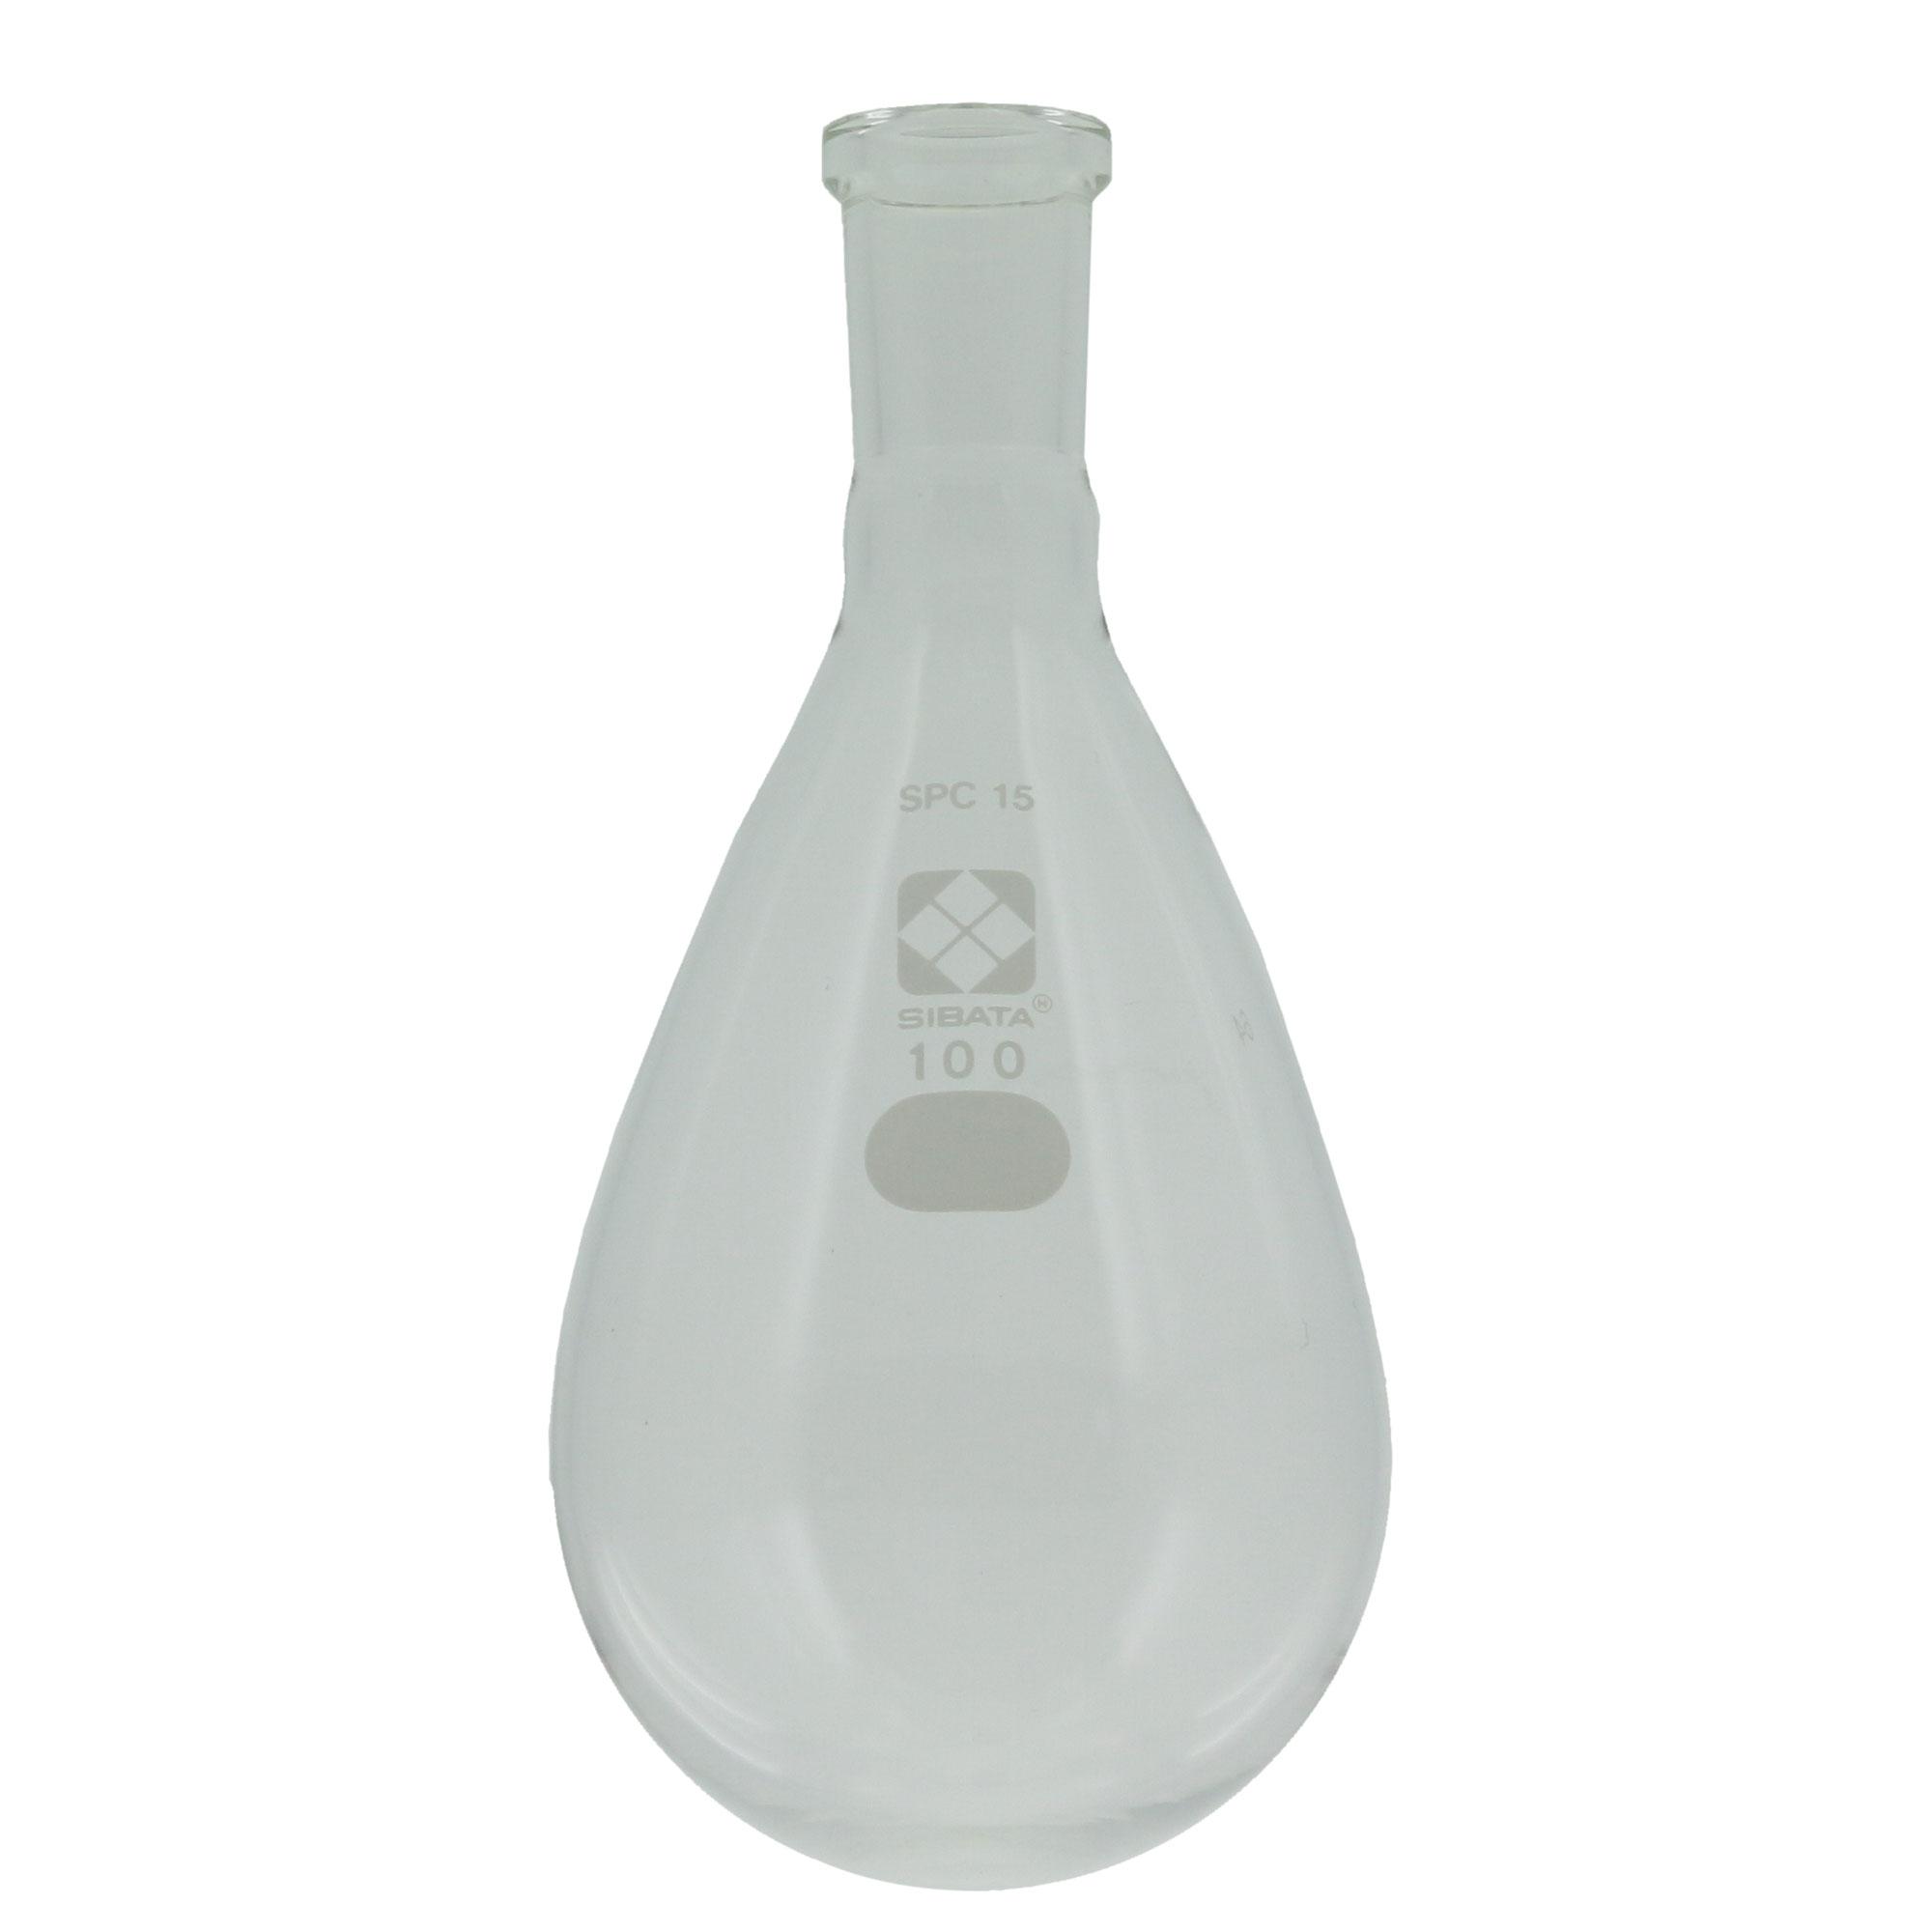 030120-15100 SPCなす形フラスコ 100mL SPC-15 柴田科学(SIBATA)